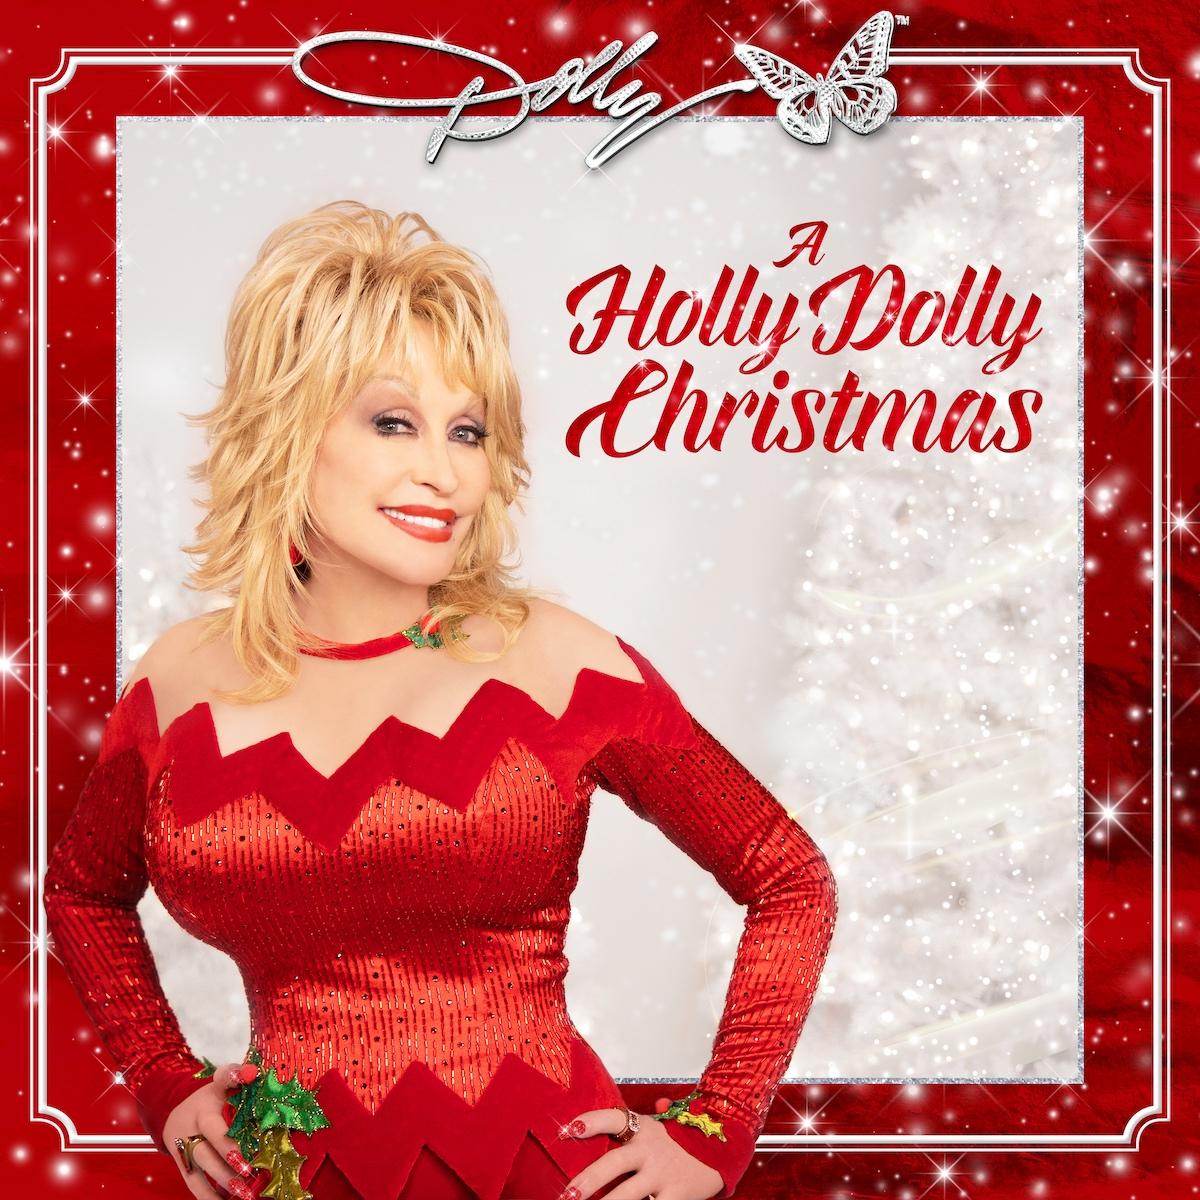 dolly parton a holly dolly christamas album cover artwork